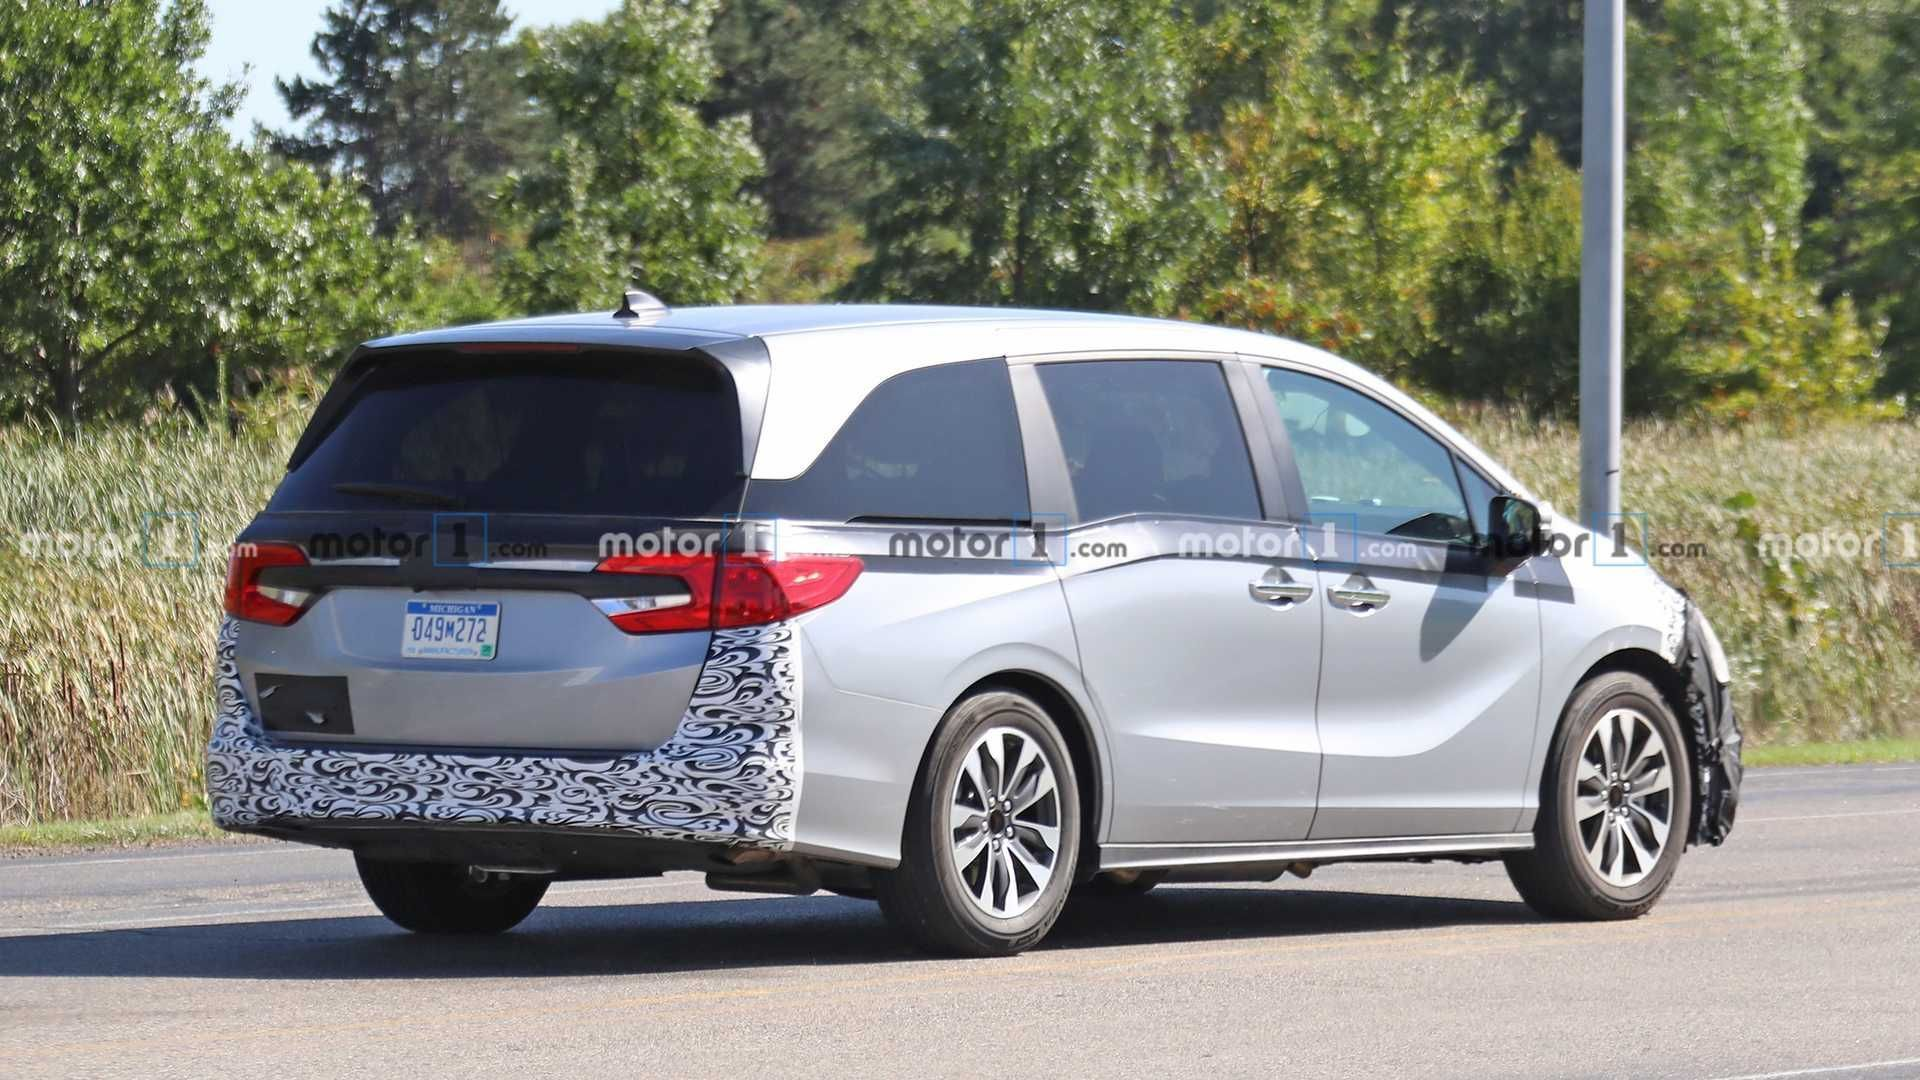 Honda Odyssey 2021 Australia Costs In 2020 Honda Odyssey Toyota Camry Camry